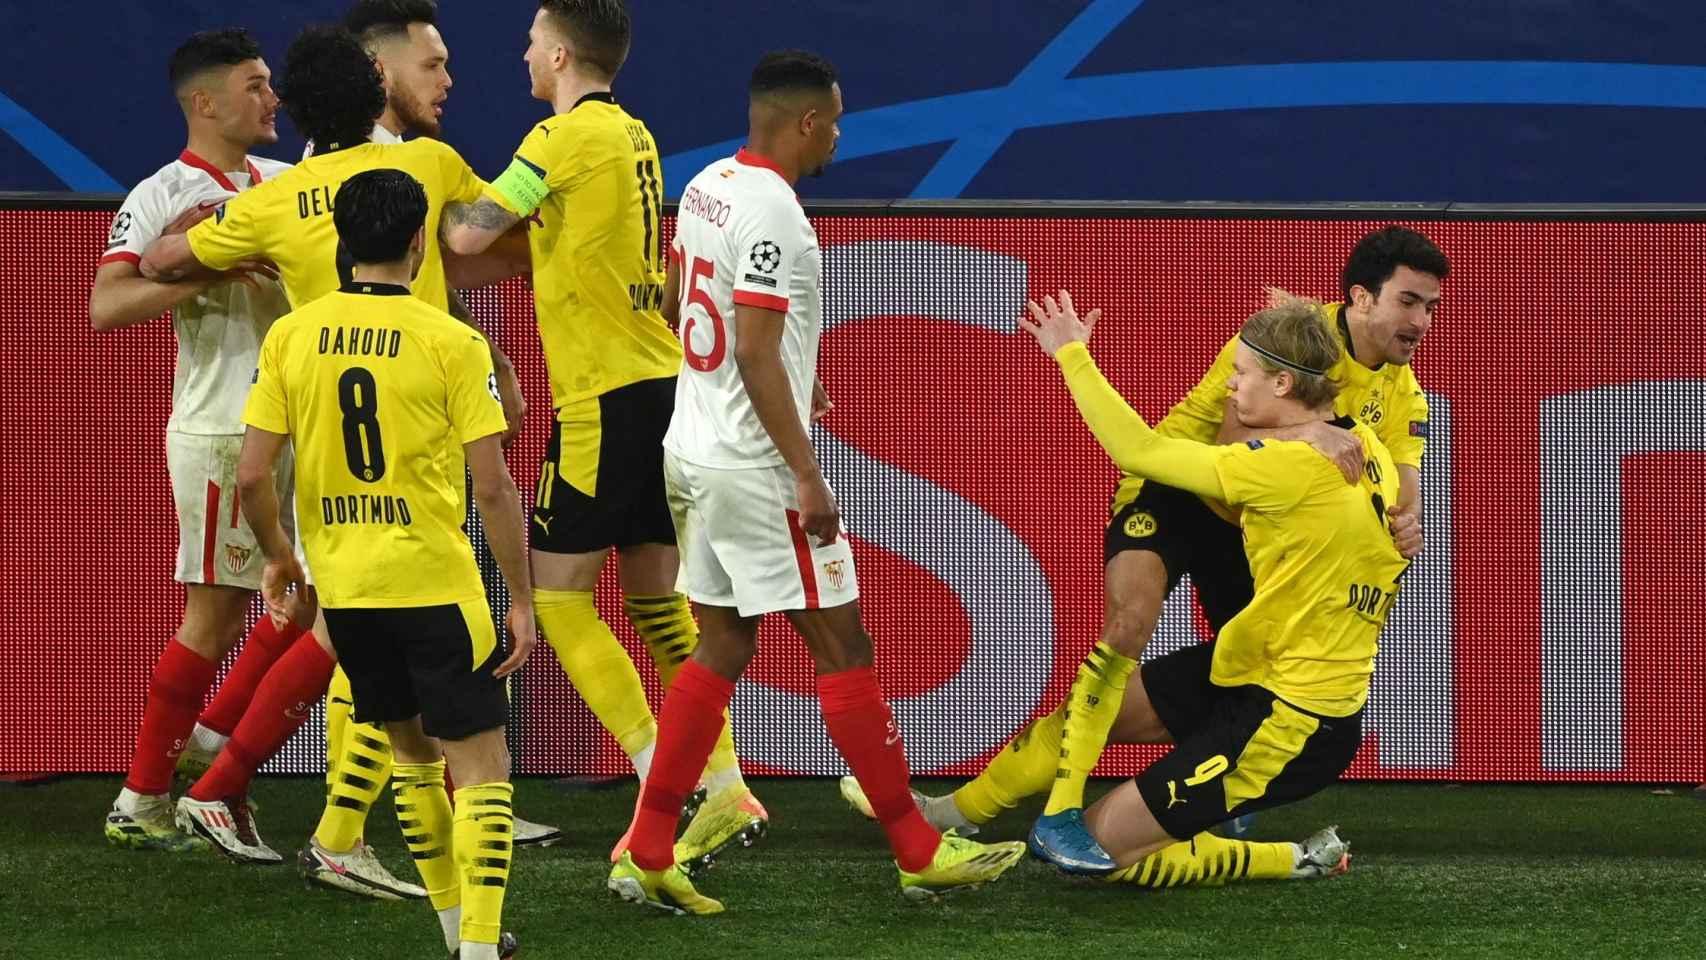 Tangana en el Borussia Dortmund - Sevilla tras el gol de Haaland